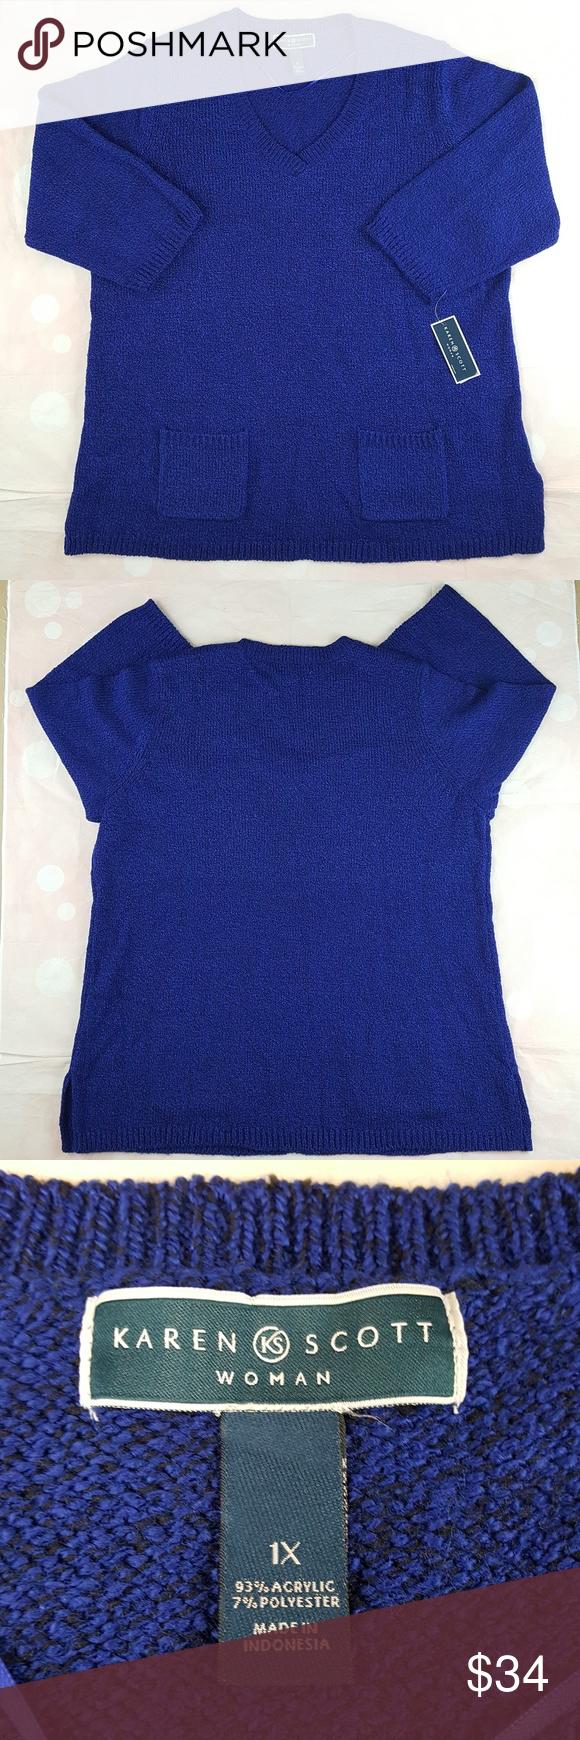 f435df2fe724d Karen Scott Woman Marled Knit Sweater Sz 1X New with tag. Retail  50 Karen  Scott